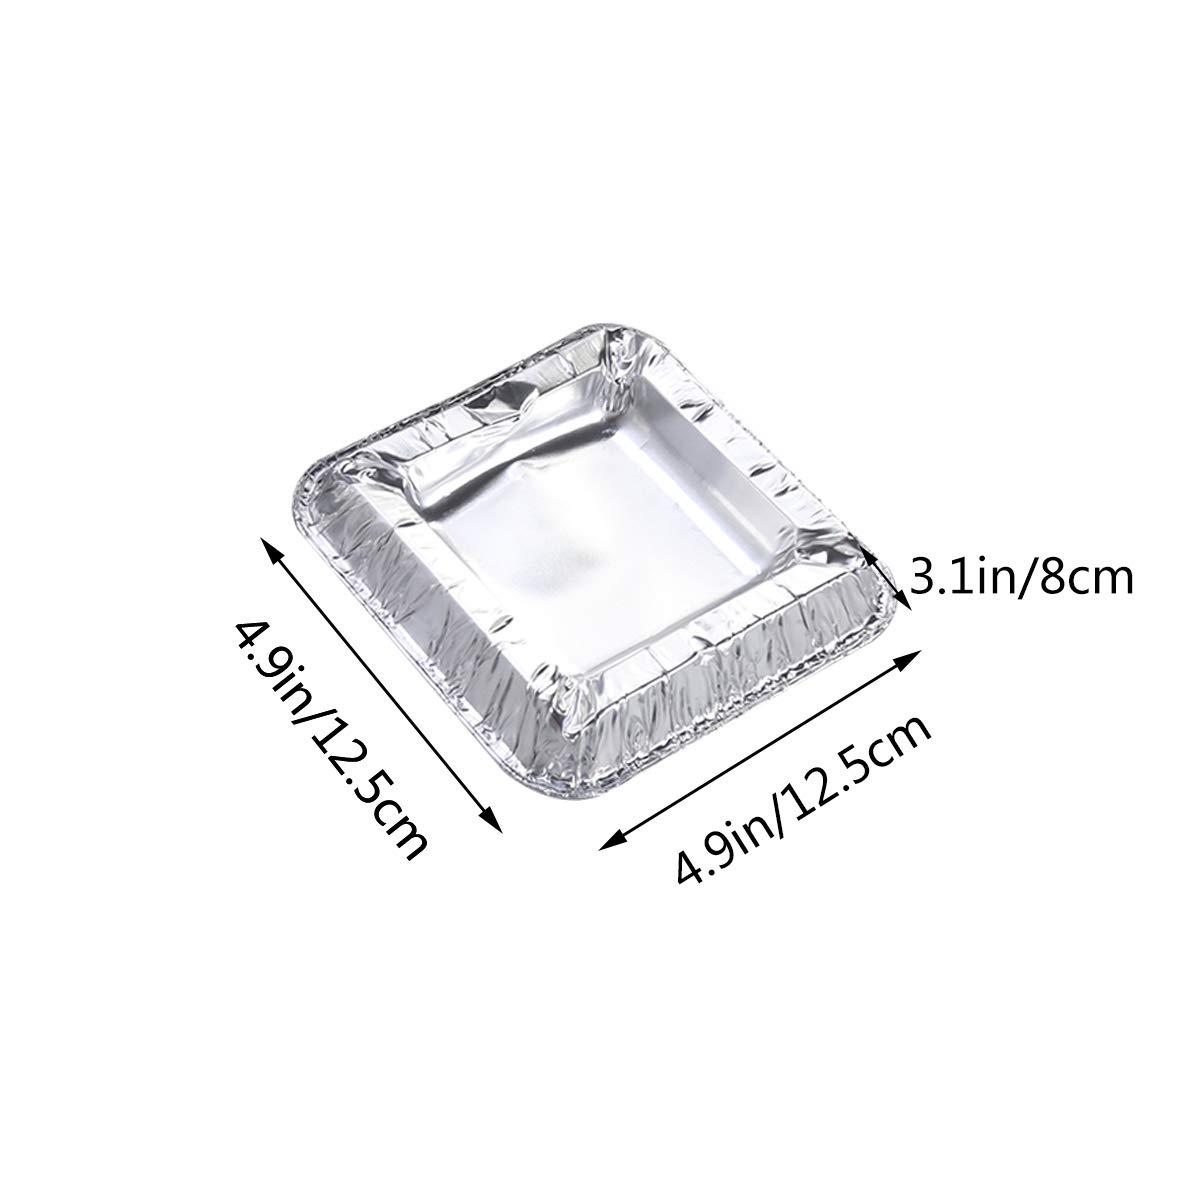 Cenicero de papel de aluminio cuadrado Vosarea paquete de 25 Cenicero desechable desechable de cigarrillos port/átil para uso al aire libre